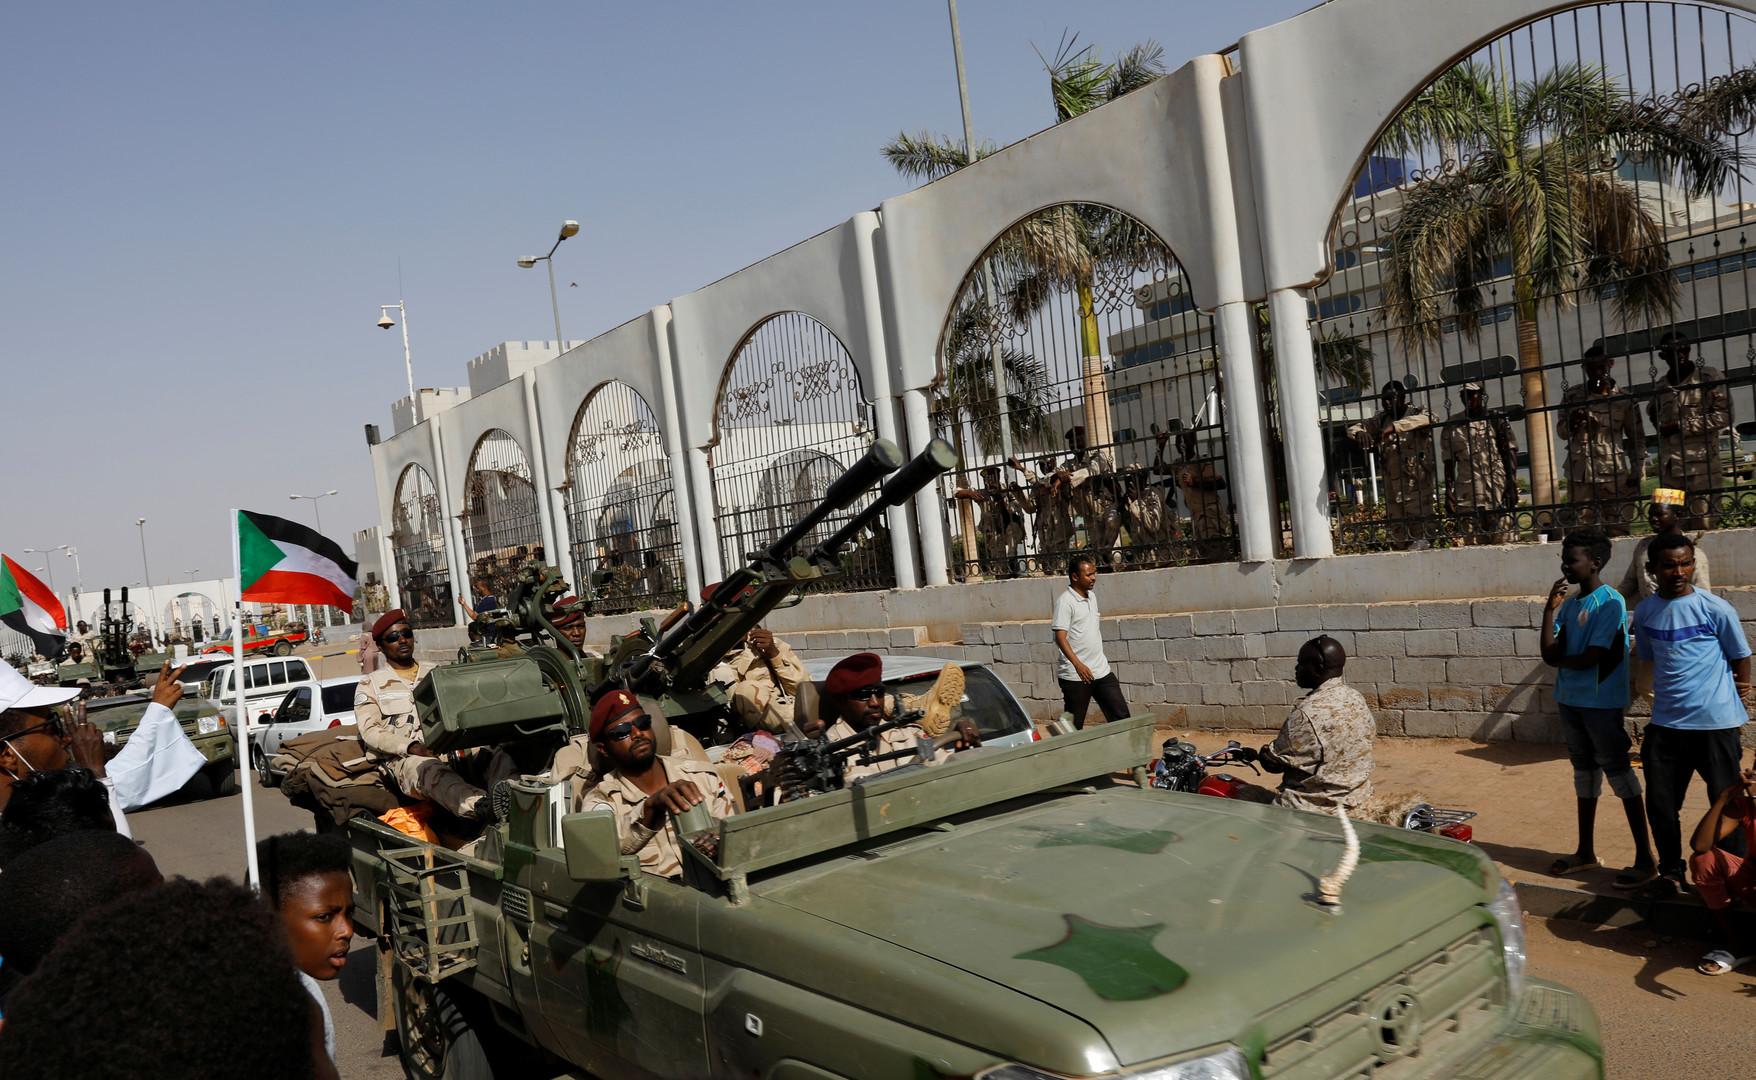 المجلس العسكري الانتقالي: مقتل ضابط خلال المواجهات في ساحة الاعتصام بالخرطوم